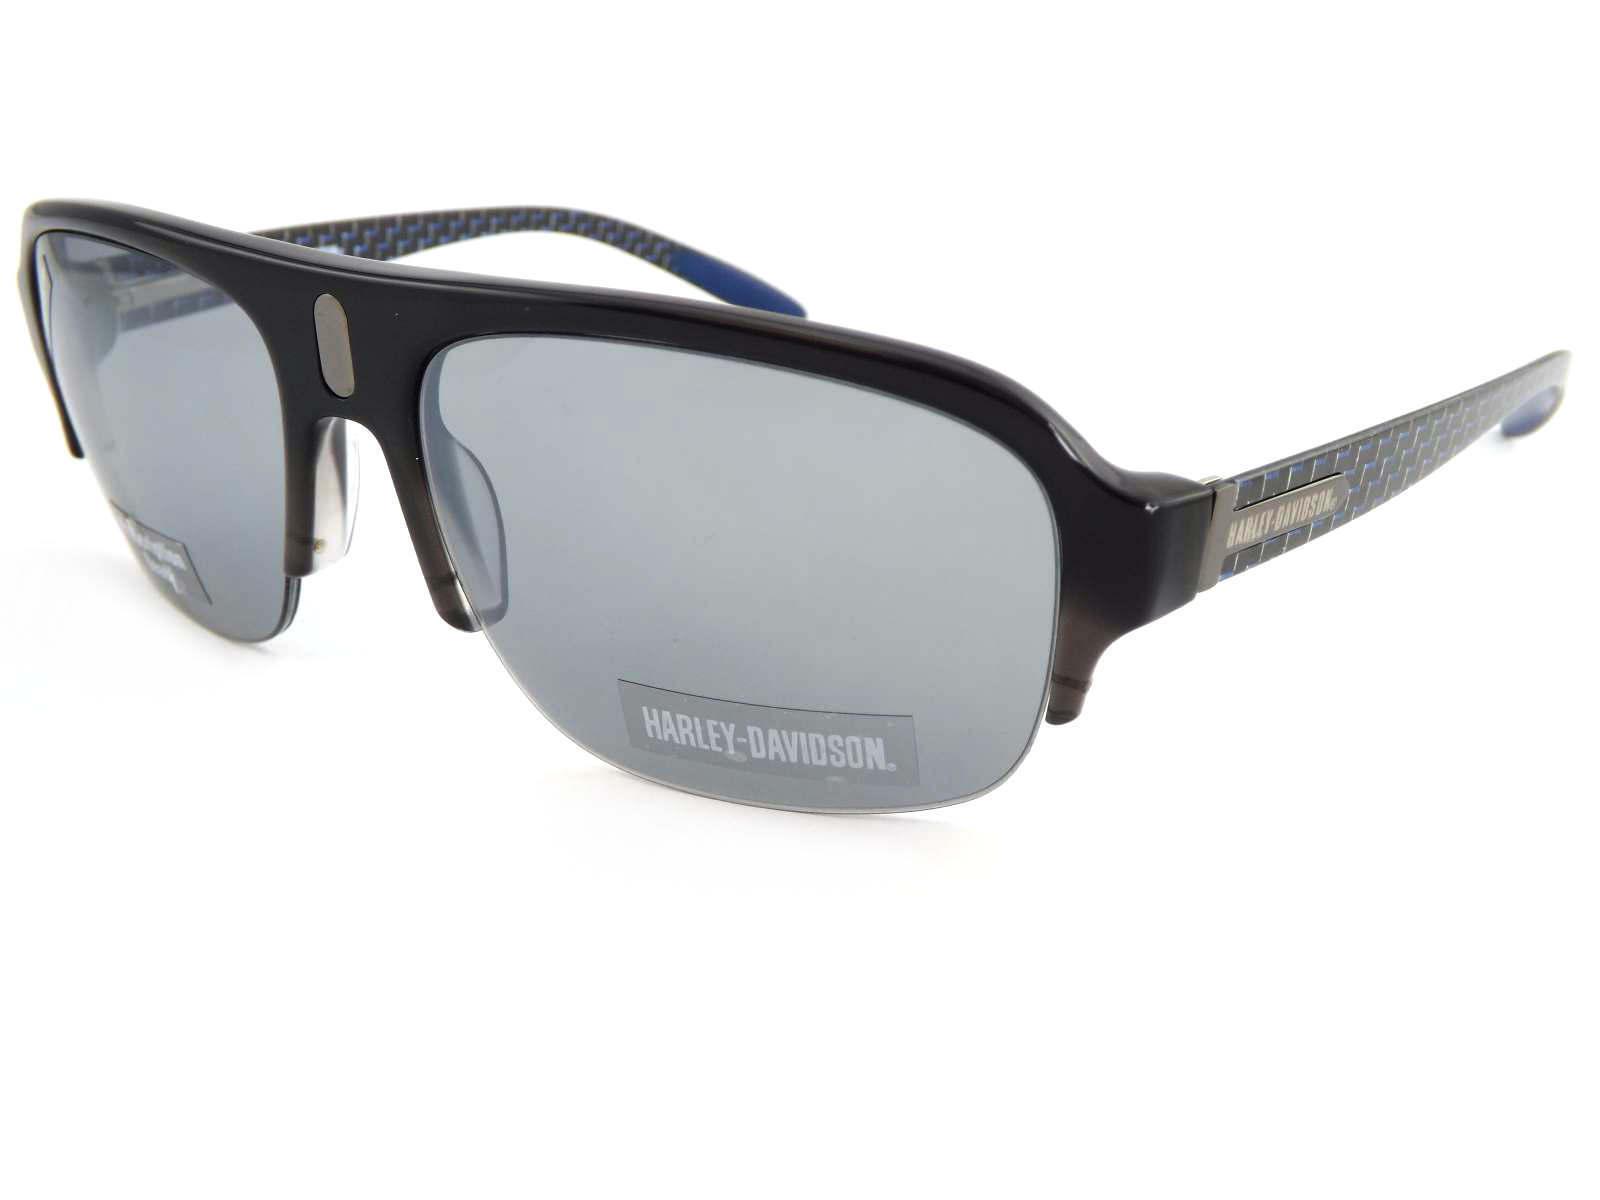 Harley Davidson Kohlenstofffaser Dunkelgrau Dunkelgrau Dunkelgrau Blau Sonnenbrille Verspiegelte Linse  | Vollständige Spezifikation  355970